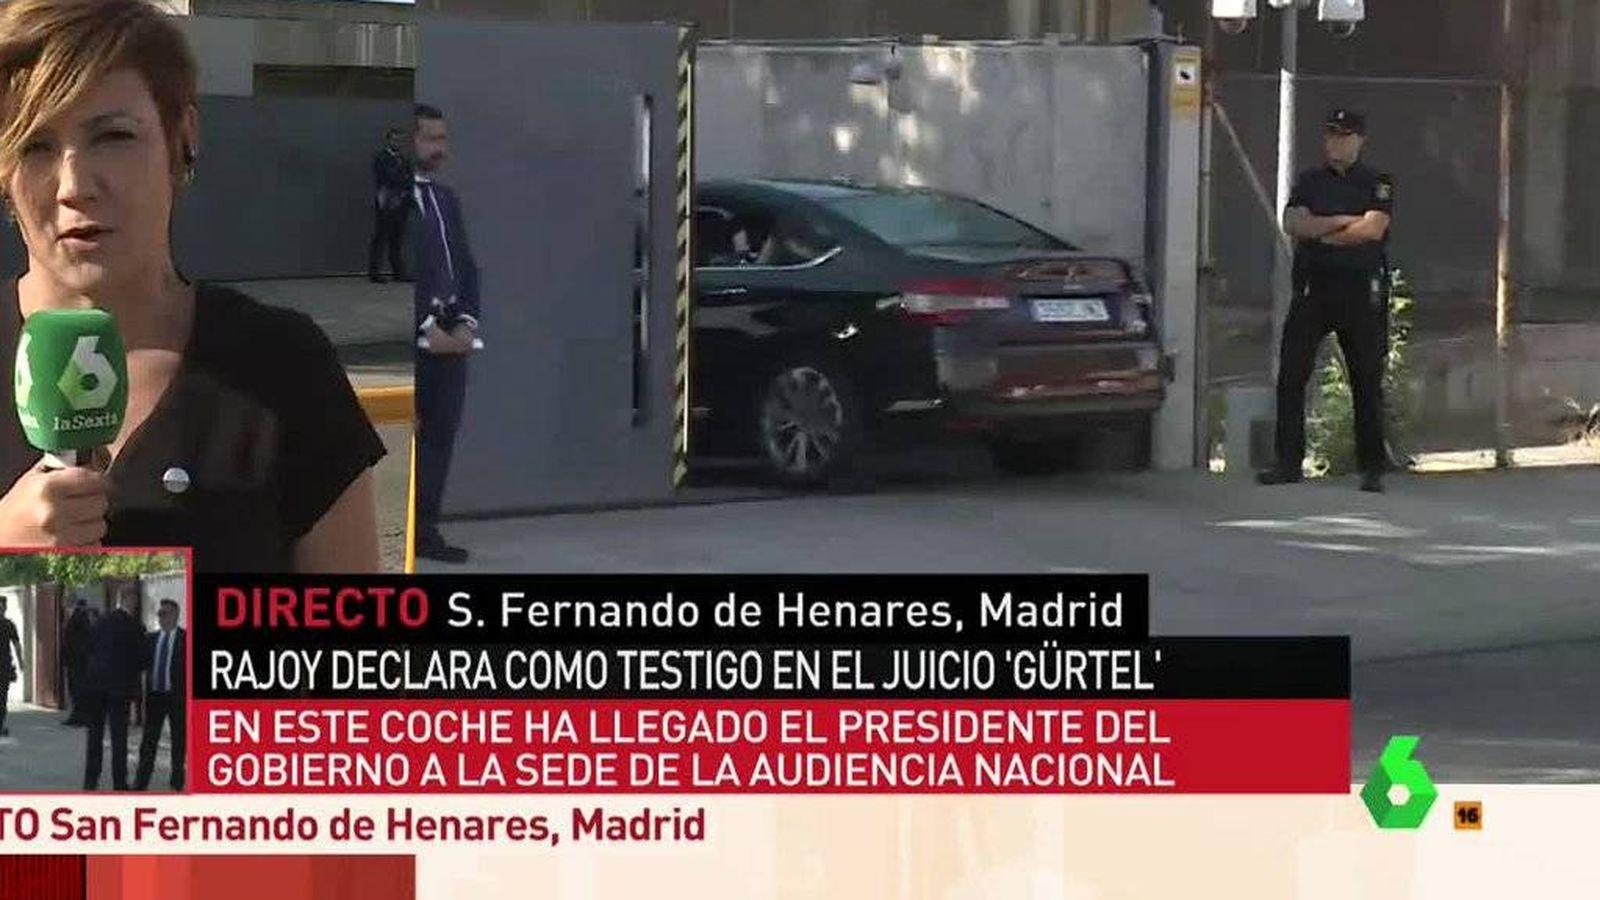 Foto: Cristina Pardo, a las puertas de la Audiencia Nacional cubriendo la declaración de Rajoy.